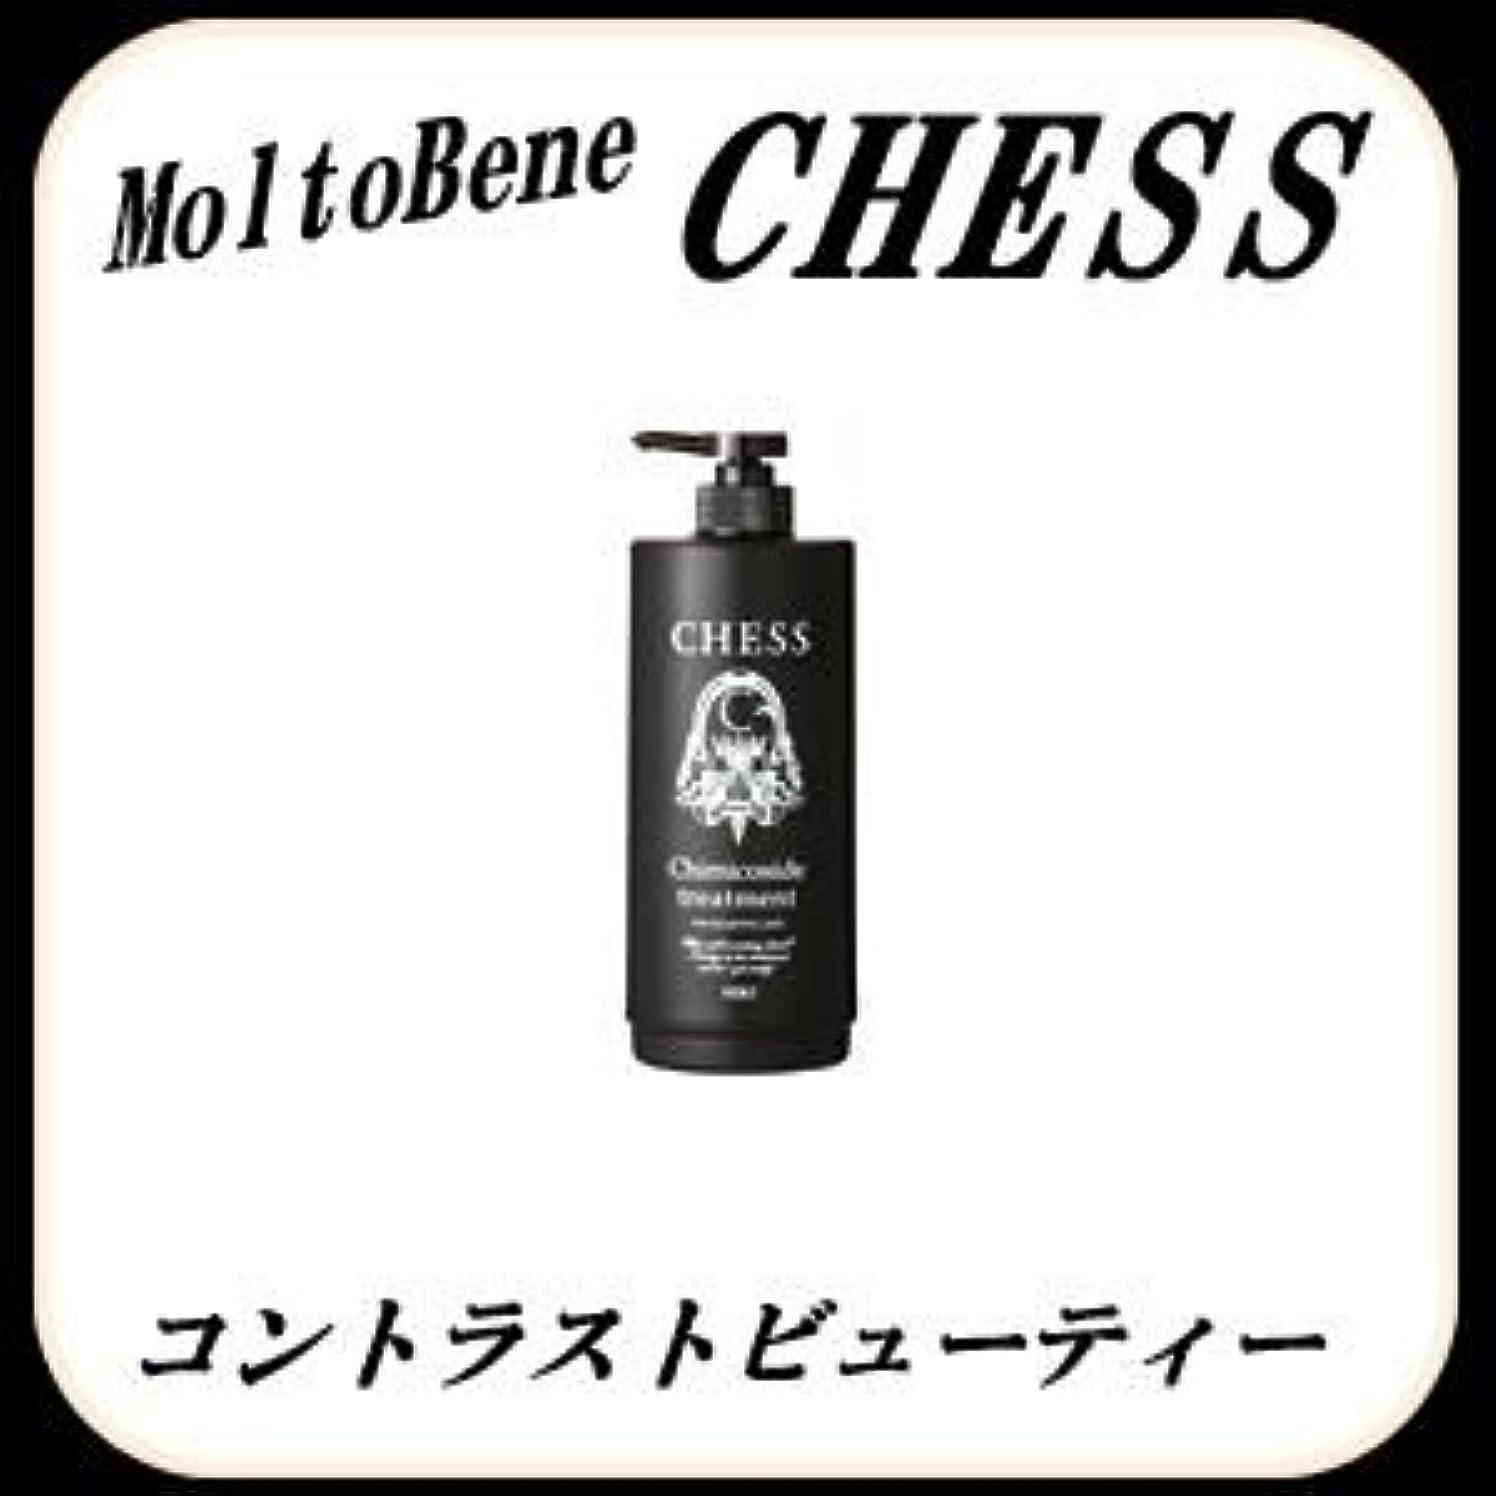 祖先ワックス摘むチェス ケミコサイドトリートメント 専用カートリッジ